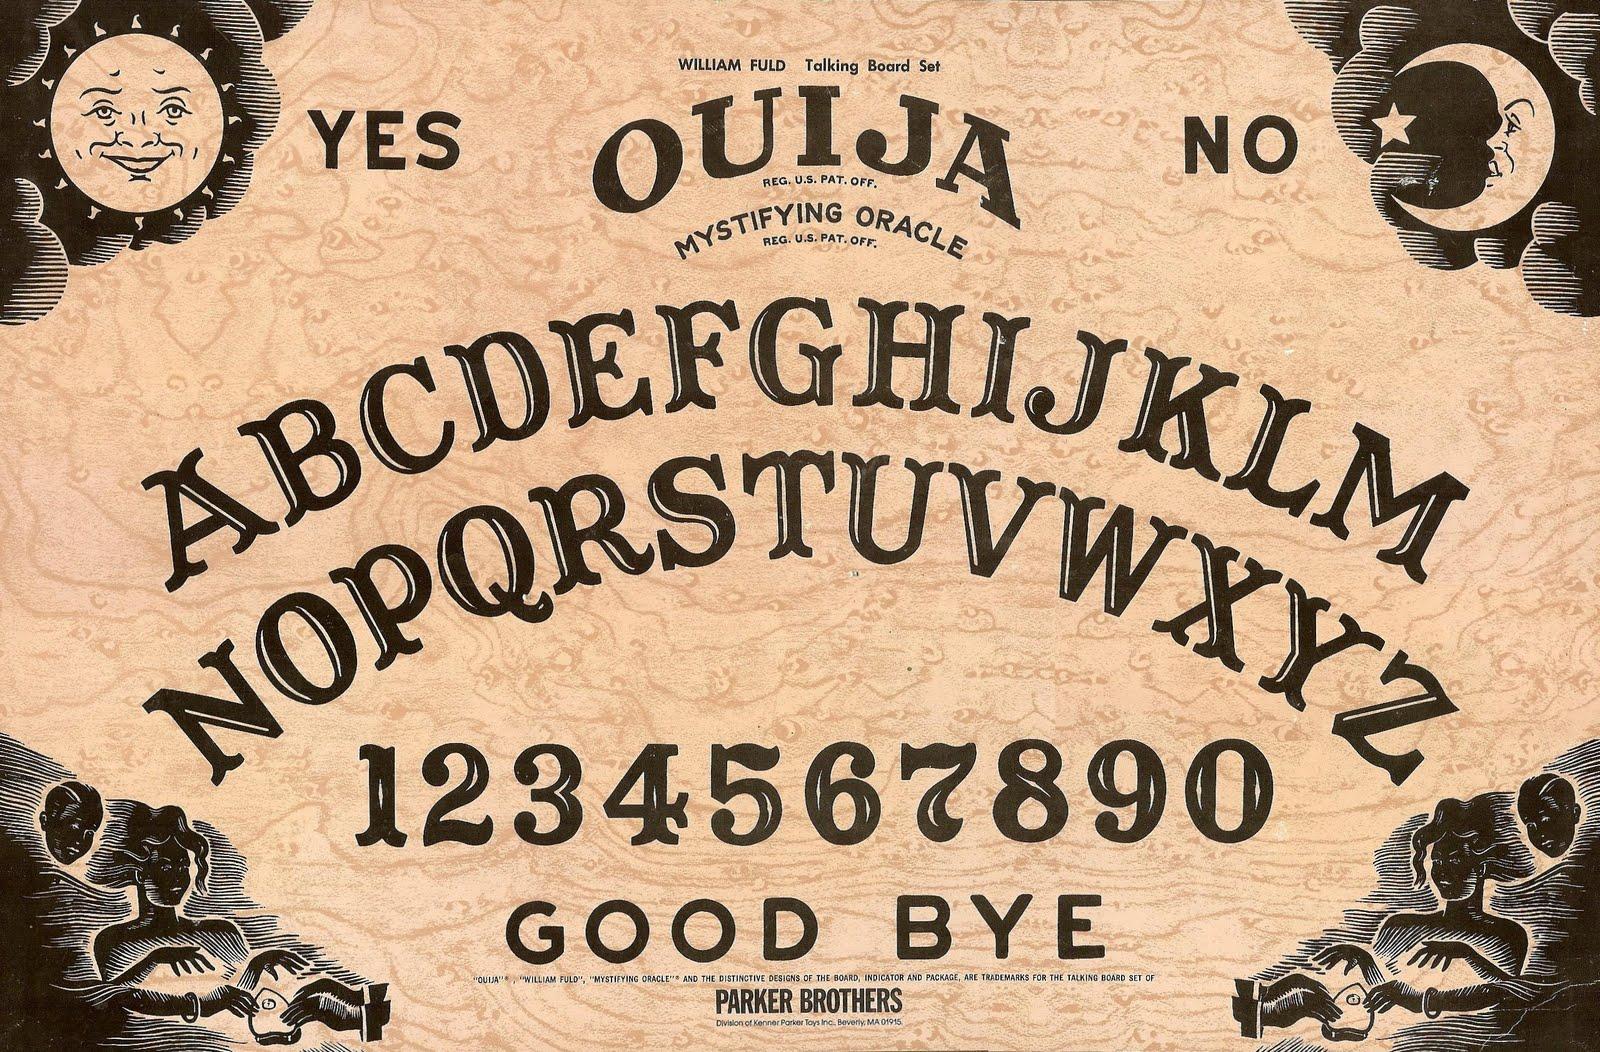 Historias reales de la Ouija